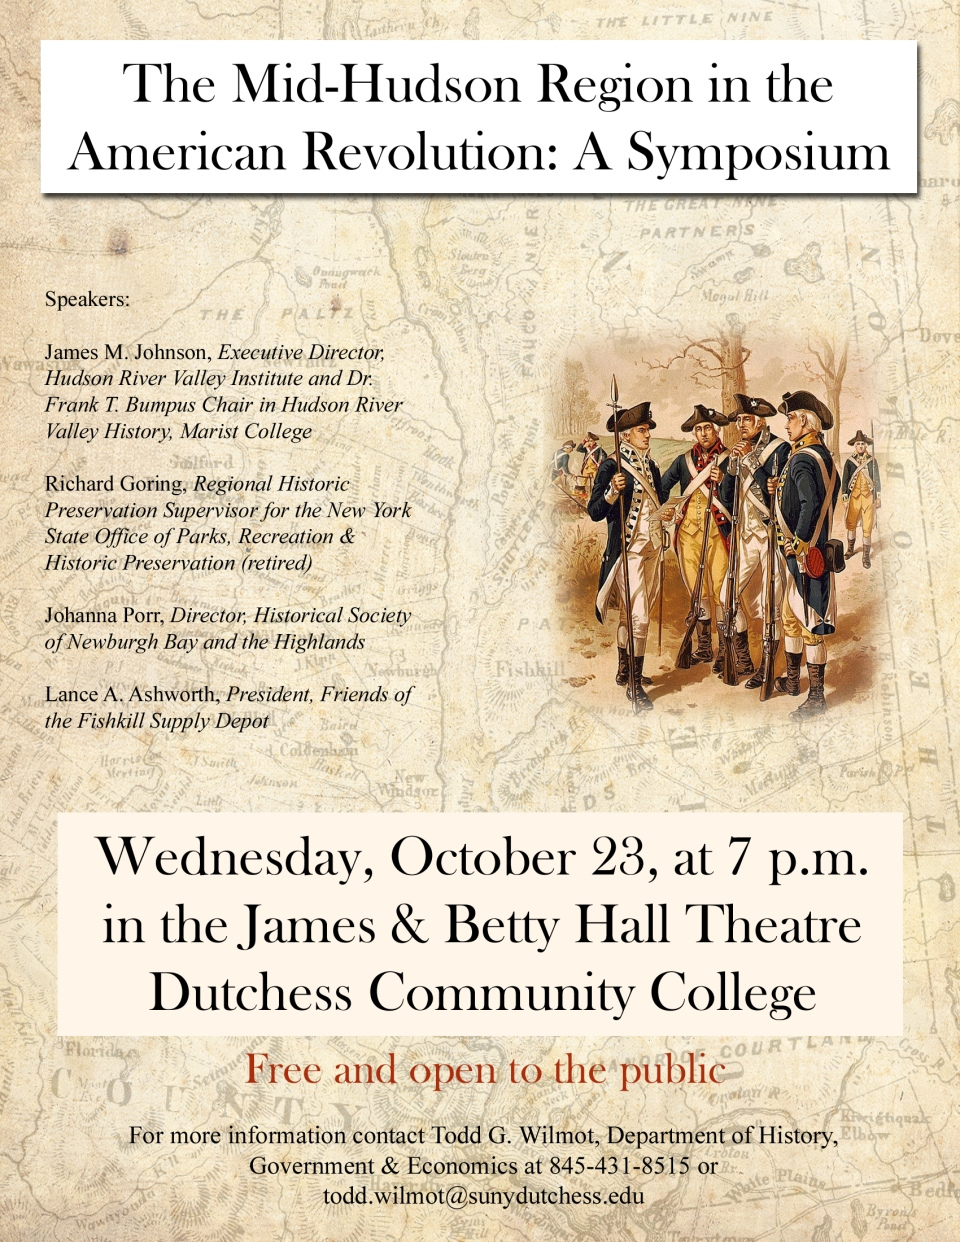 10_23_13_DCCCsymposium